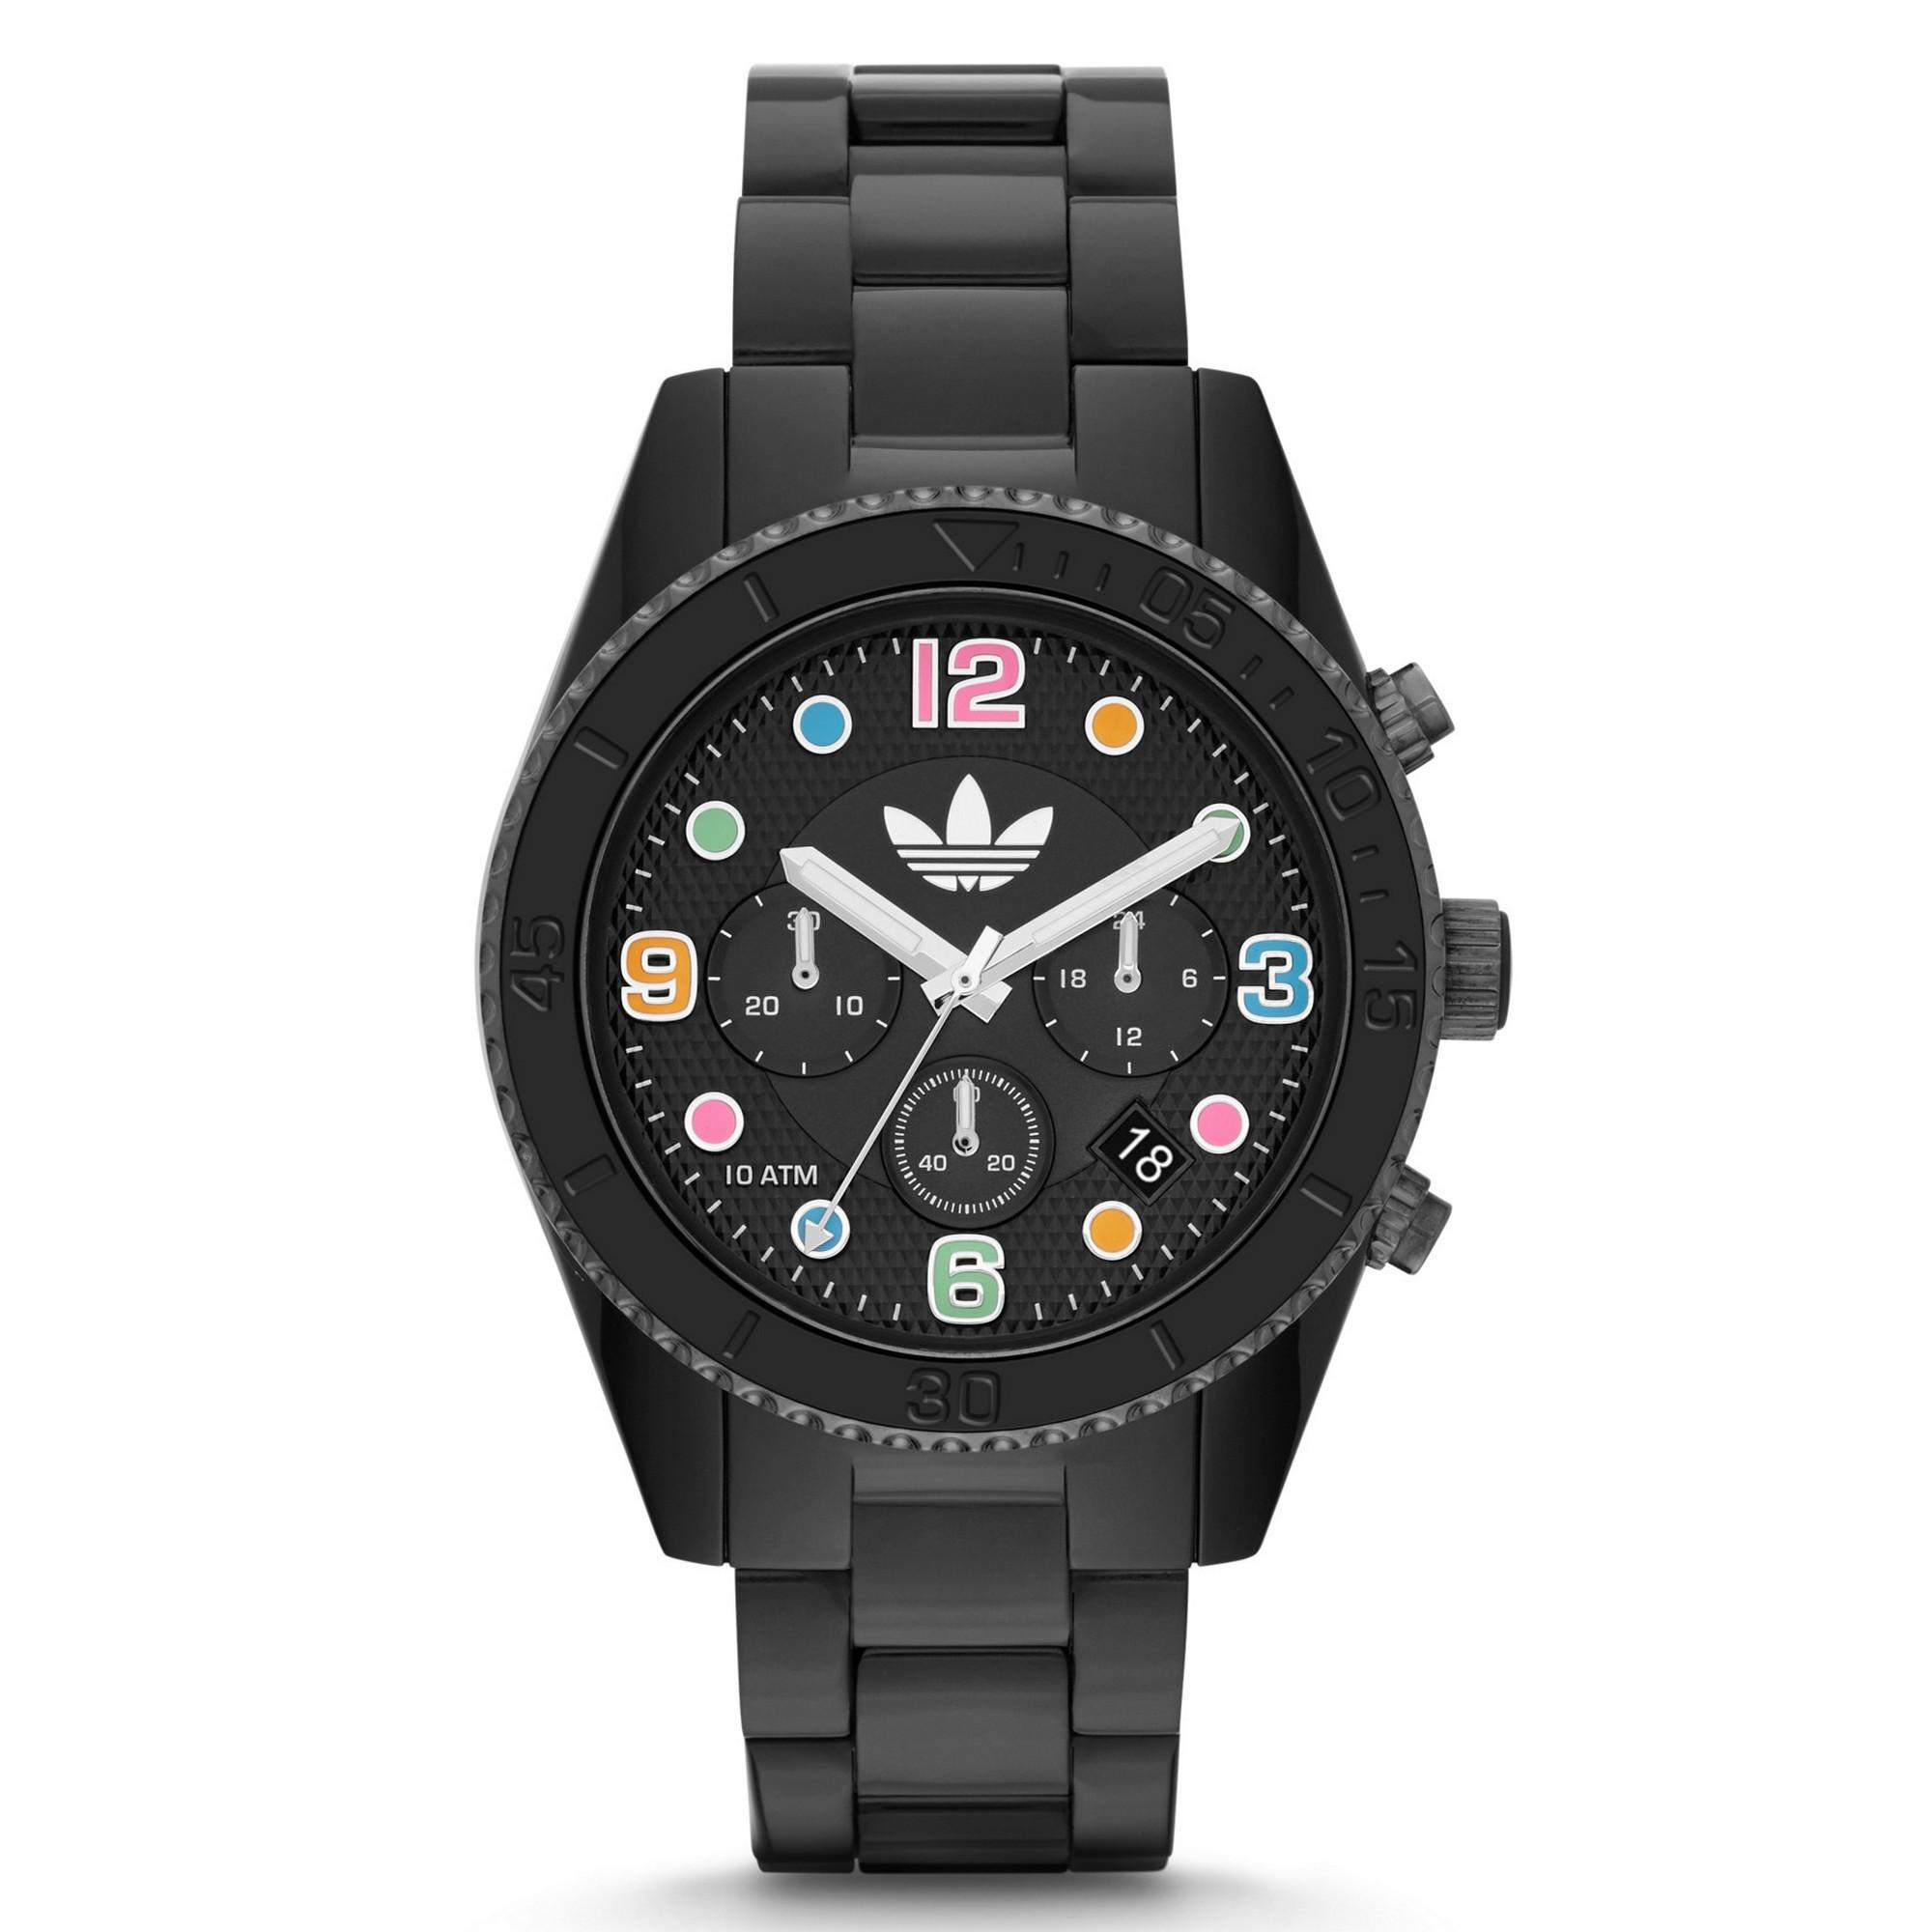 974c6a92d0550 Zegarek ADIDAS ADH2946 - cena   sklep TimeButik.pl